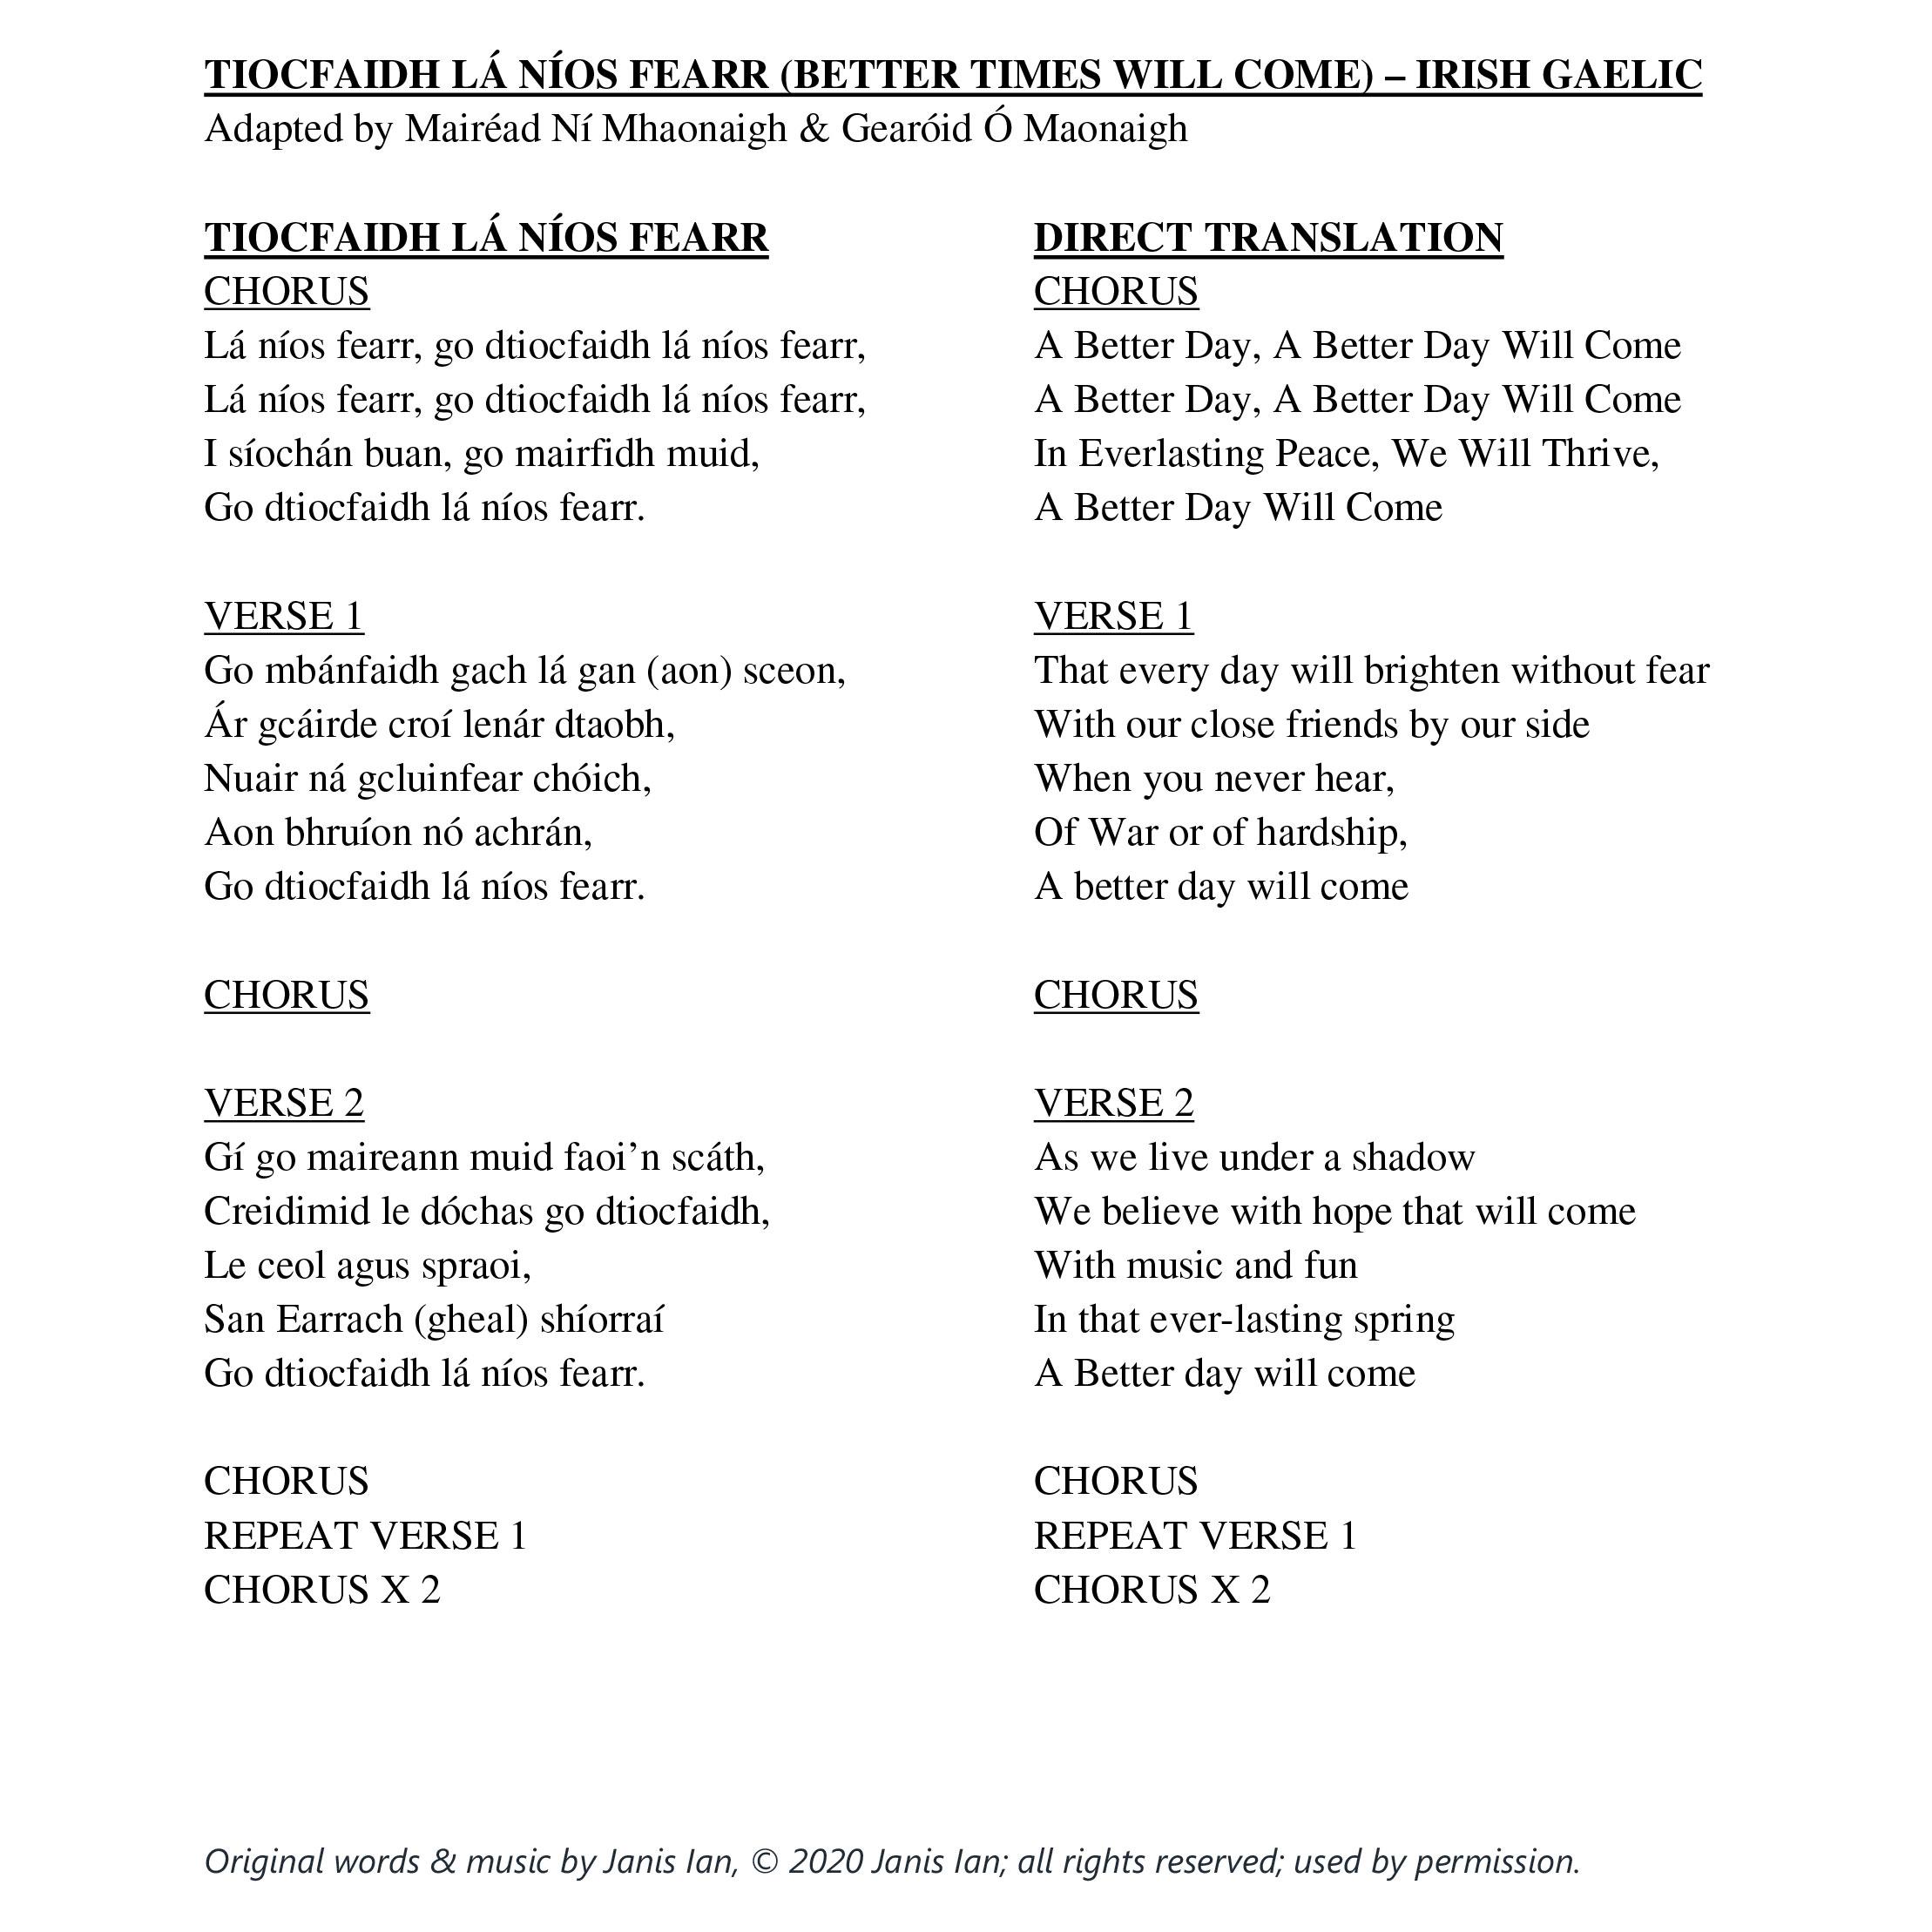 Better Times Will Come by Janis Ian - Irish Gaelic lyrics by  Adapted by Mairéad Ní Mhaonaigh & Gearóid Ó Maonaigh